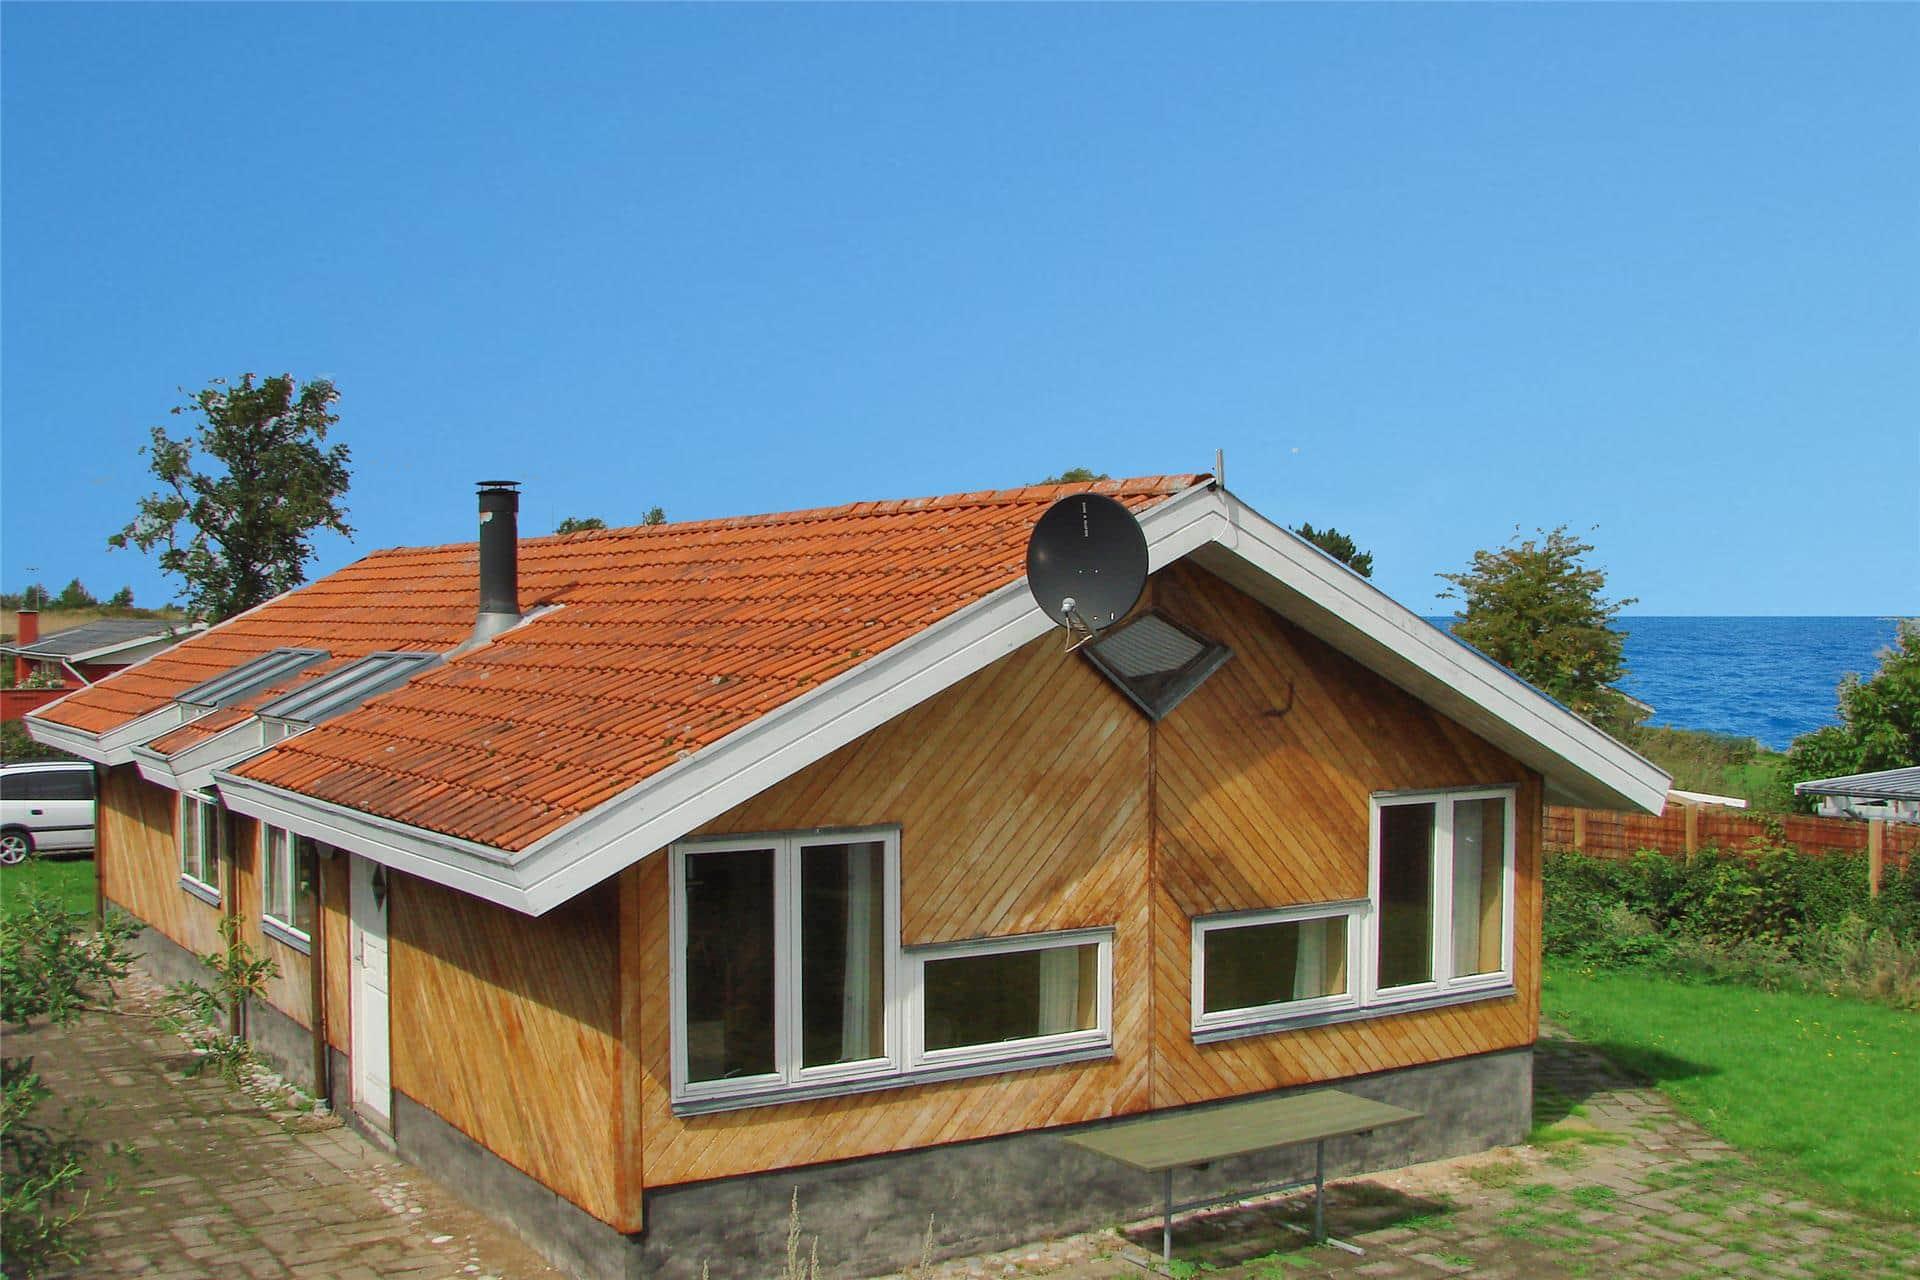 Billede 1-3 Sommerhus M66620, Madehøjvej 18, DK - 5370 Mesinge